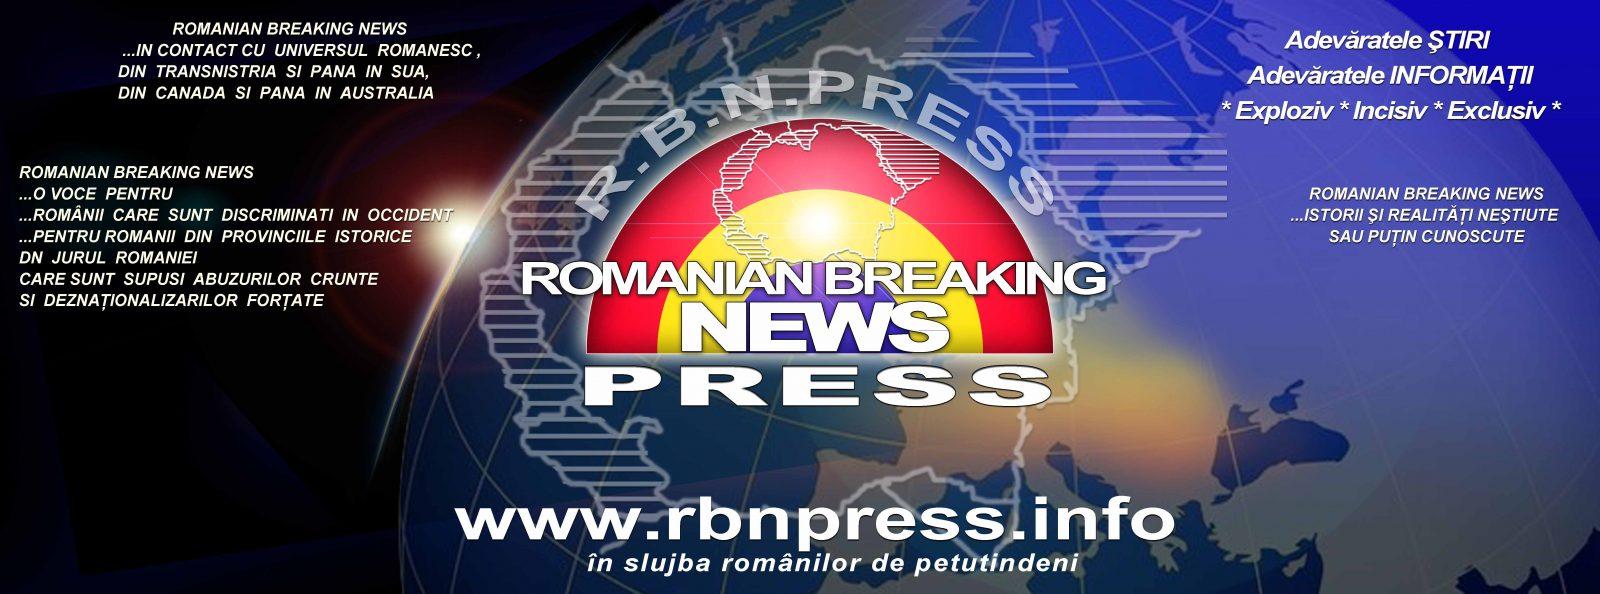 New York mai românesc decît România